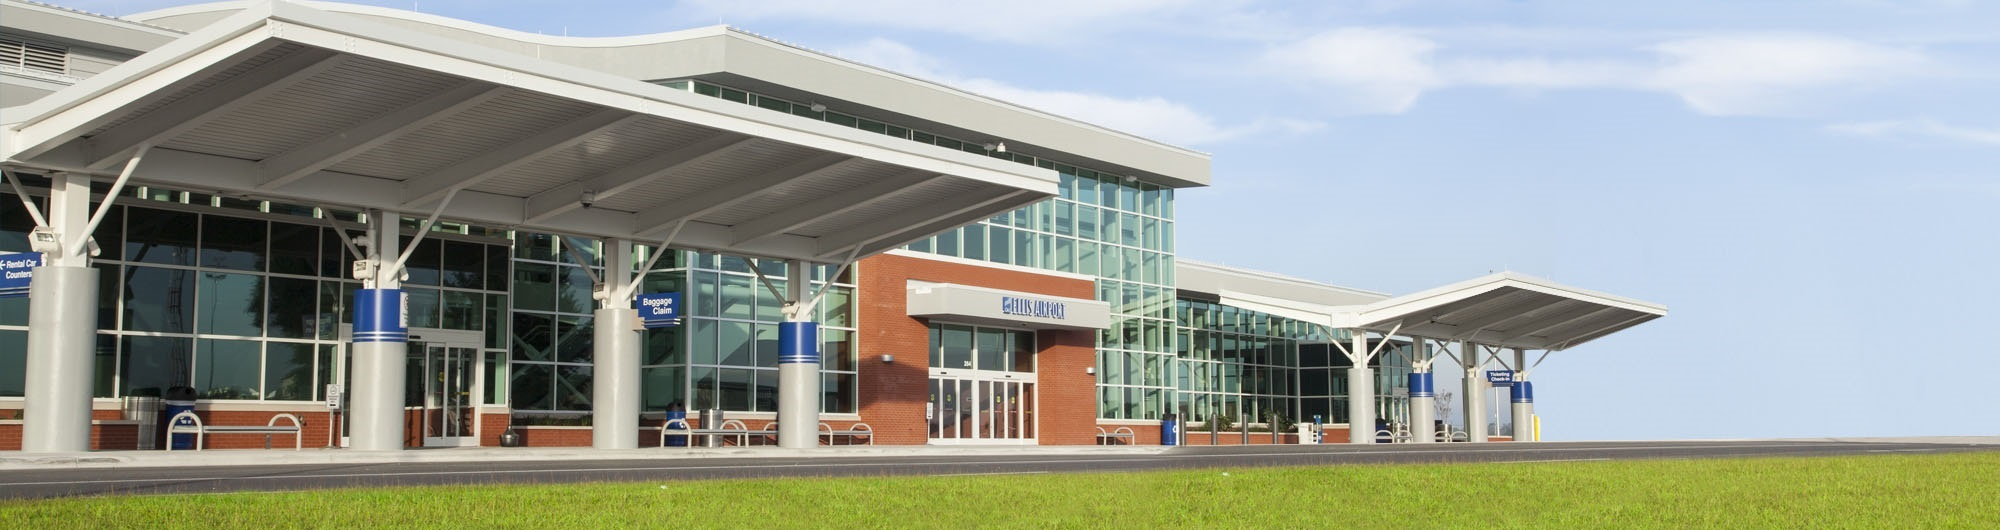 Ellis Airport